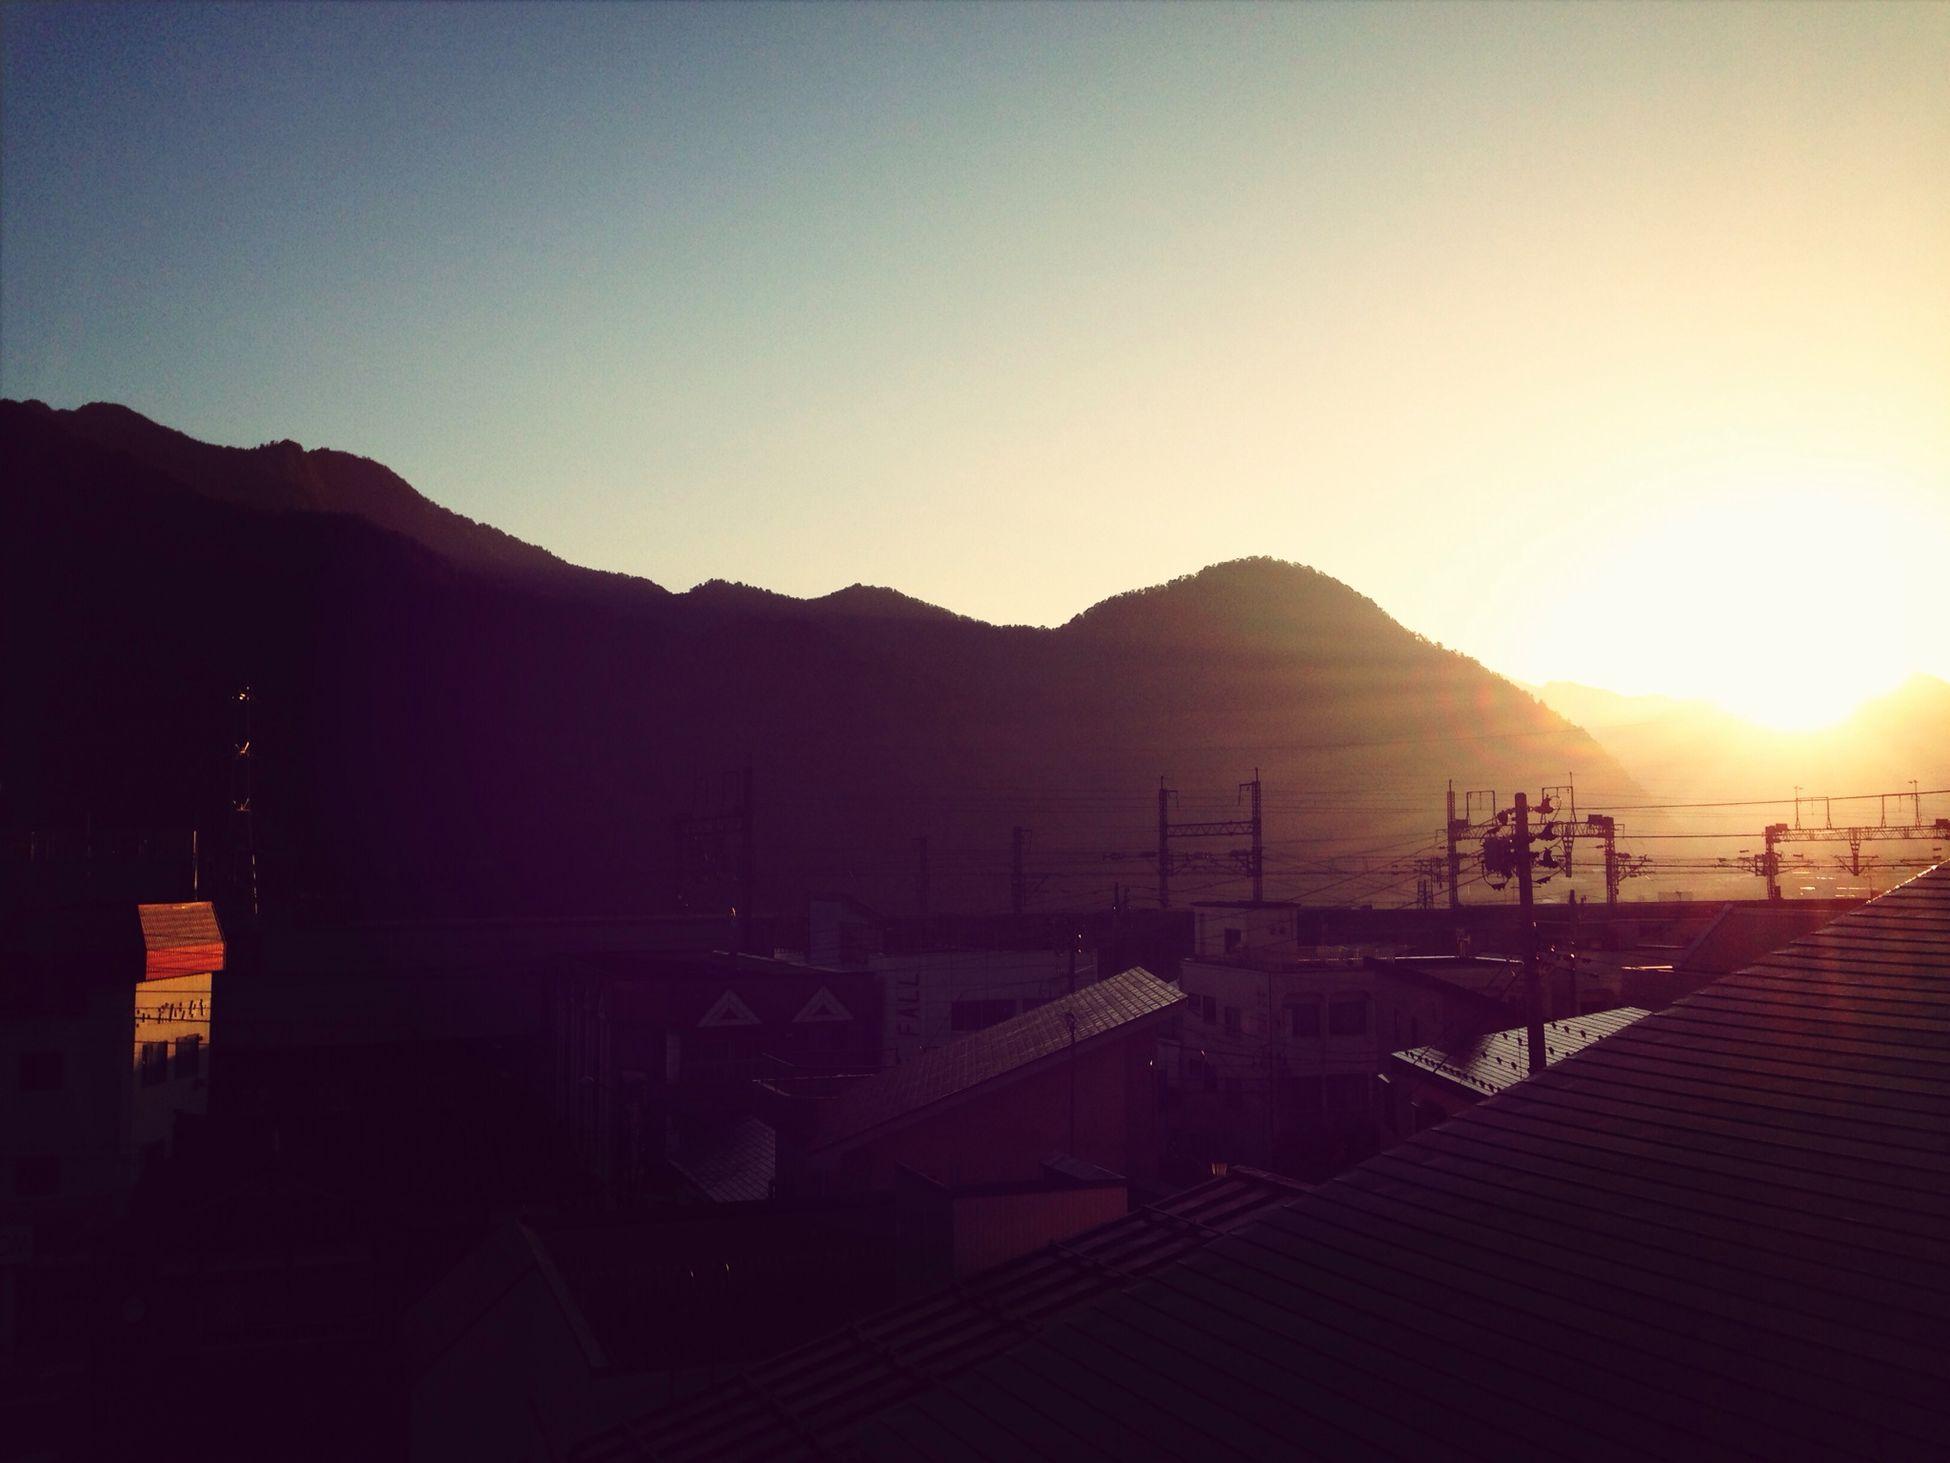 湯沢の朝。 Taking Photos Travel Morning Onsen